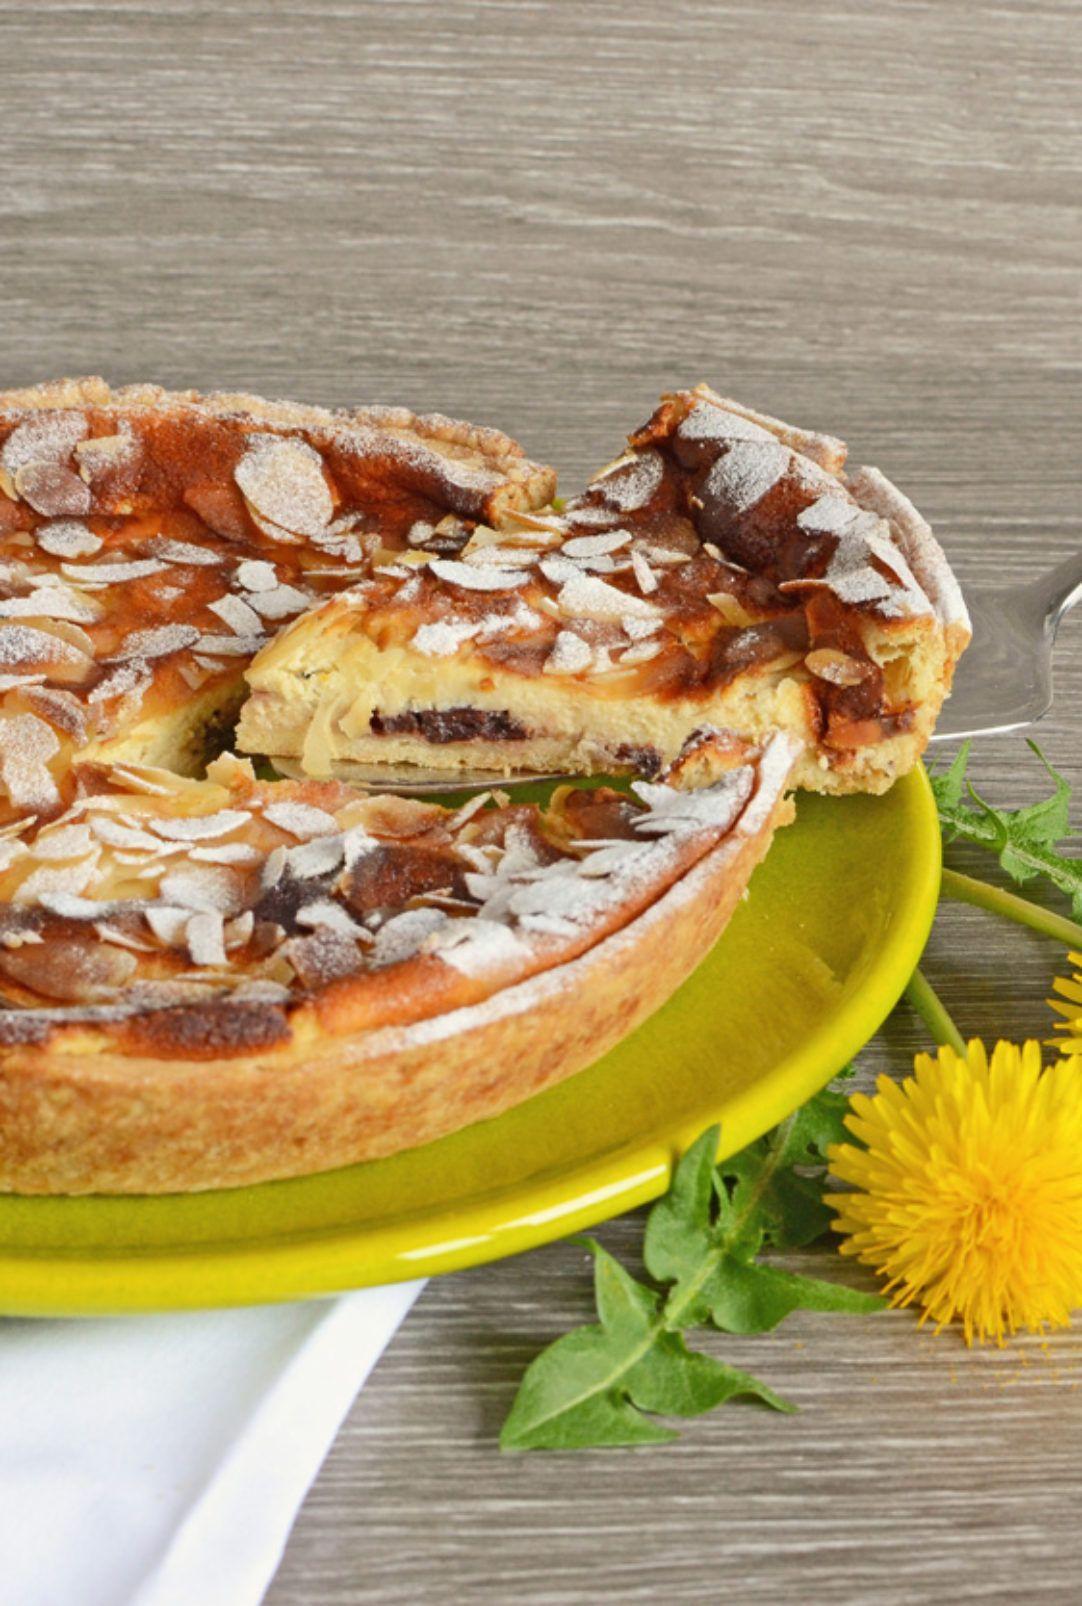 Ein Osterfladen gehört auf die Ostertafel wie der Osterhase ins Nestli. Diese schnelle Variante mit Quarkfüllung muss nicht vorgekocht werden und ist herrlich saftig. Perfekt zum Vorbereiten für ein Festessen ohne Stress.